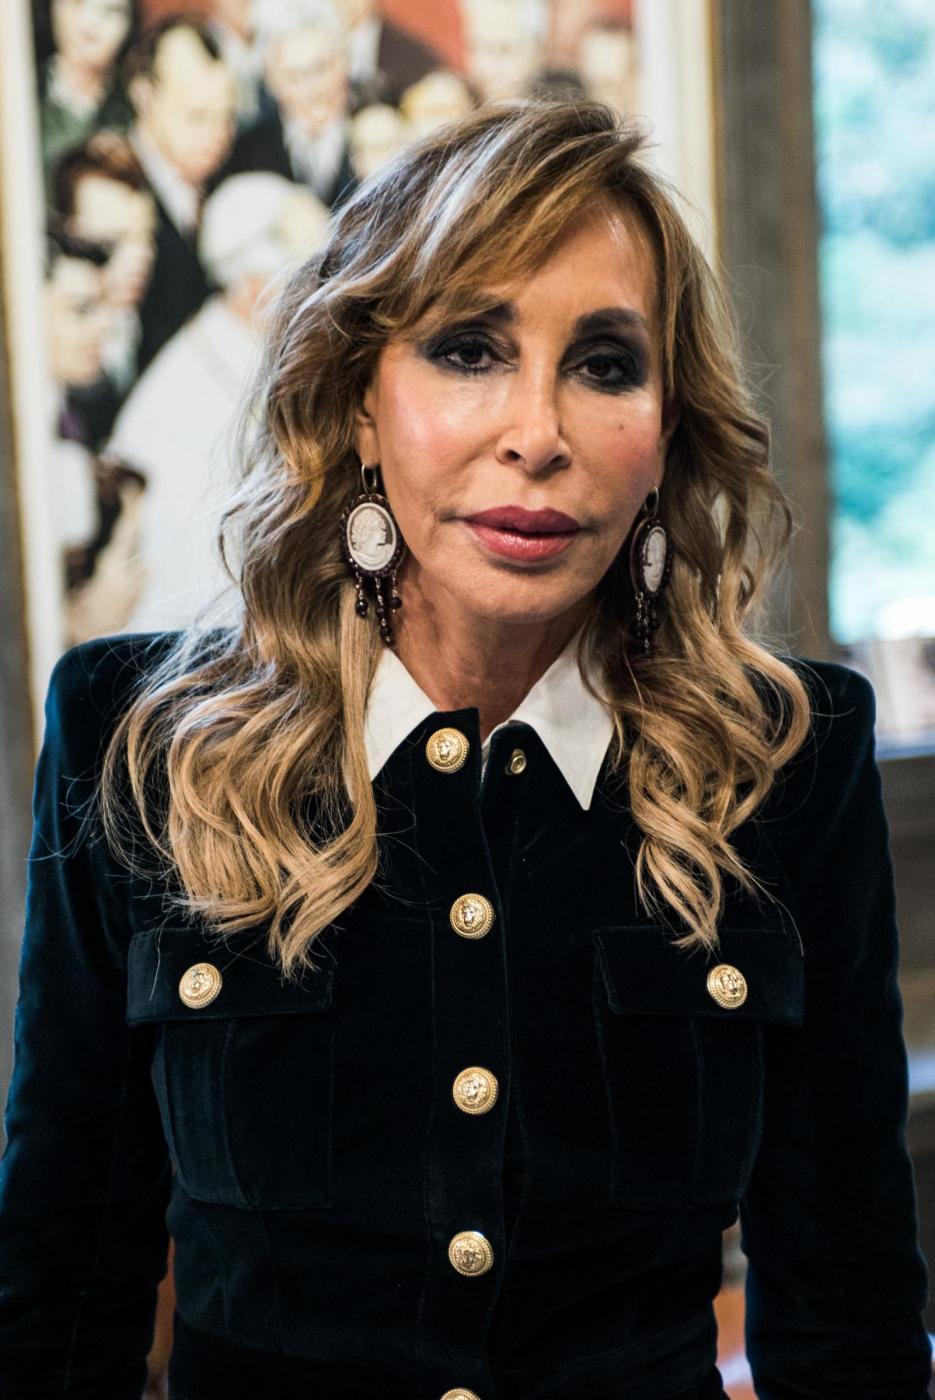 Laura Kampman